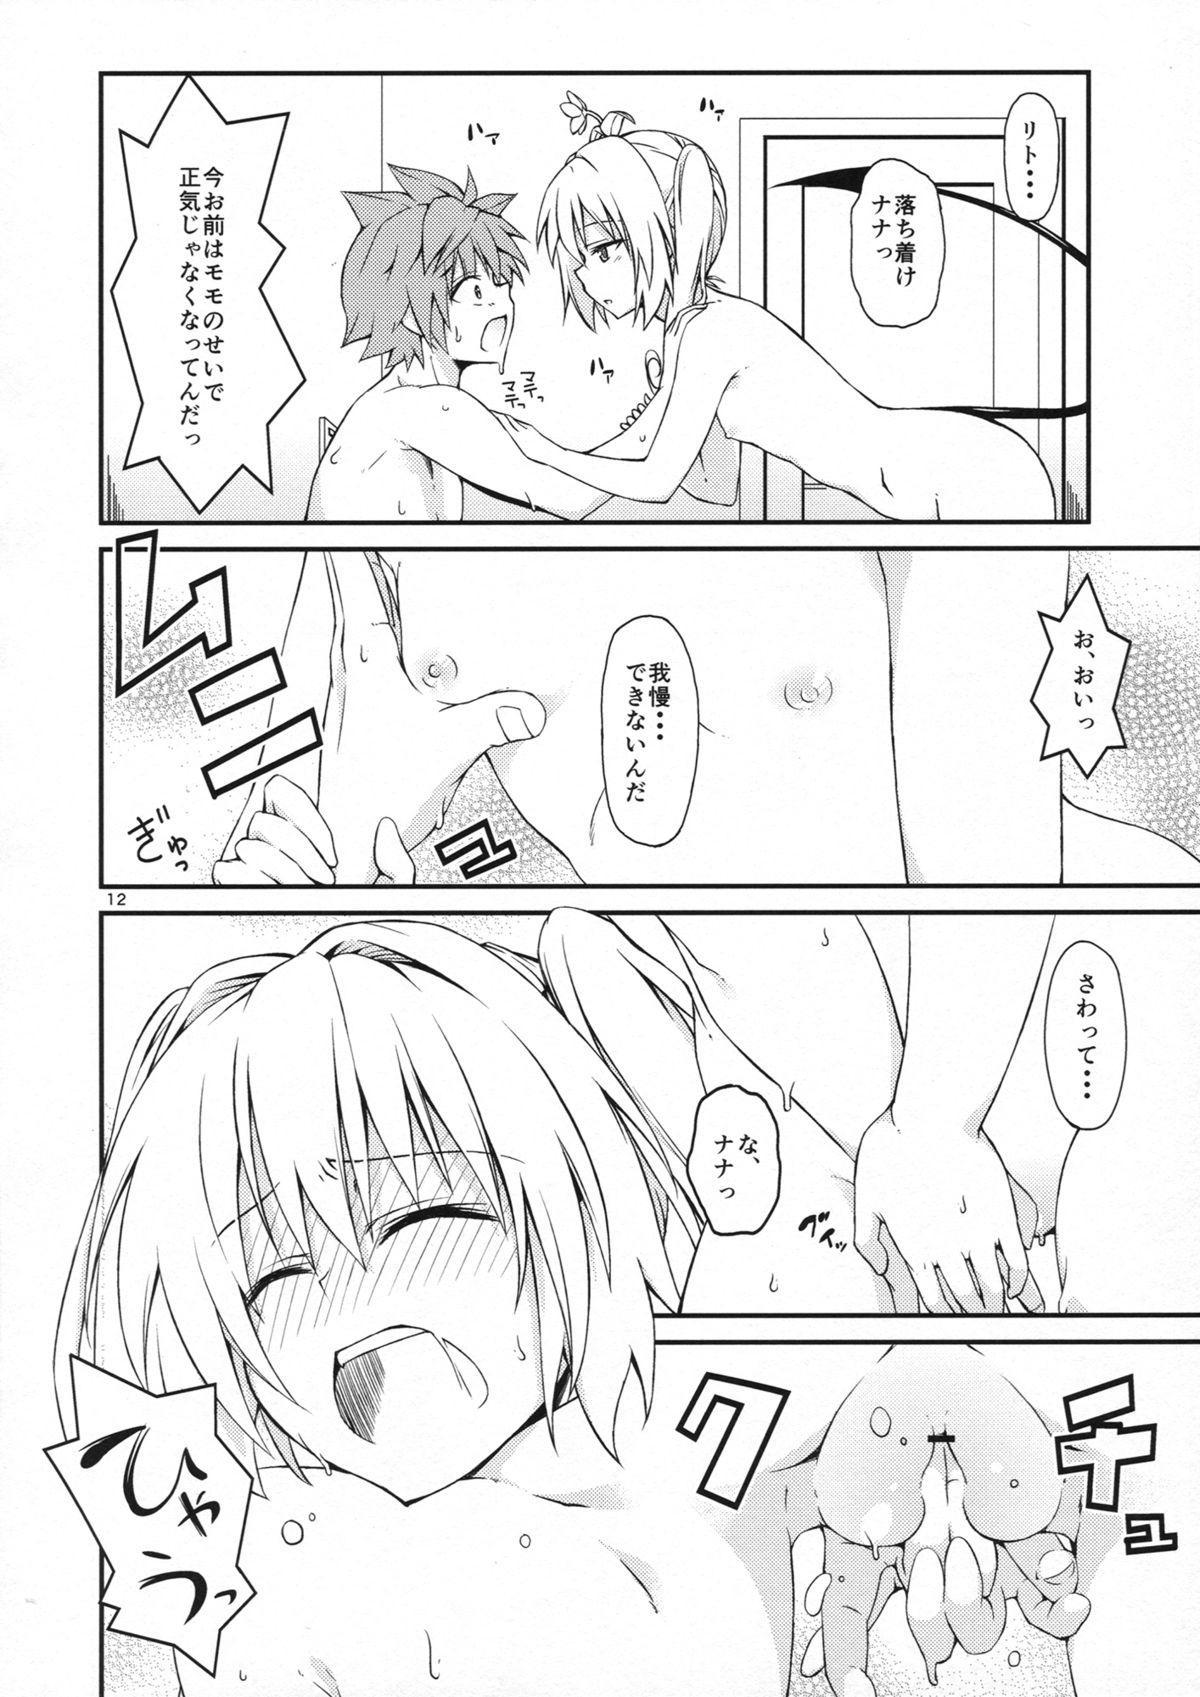 Harem Keikaku Nana-hen 10